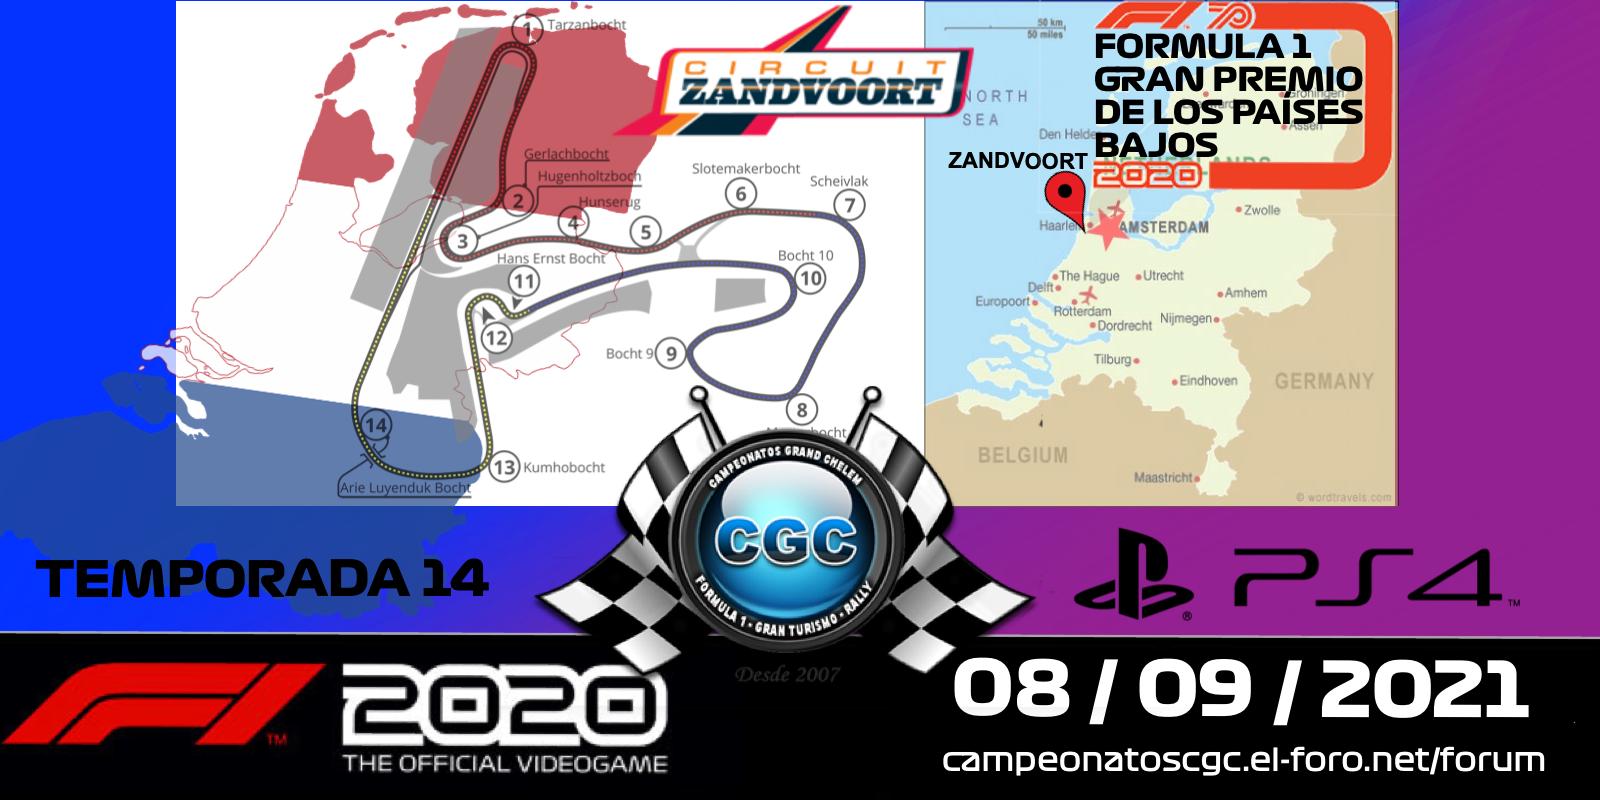 18 - GP de los PAÍSES BAJOS 08/09/2021 Kd3y7Ak